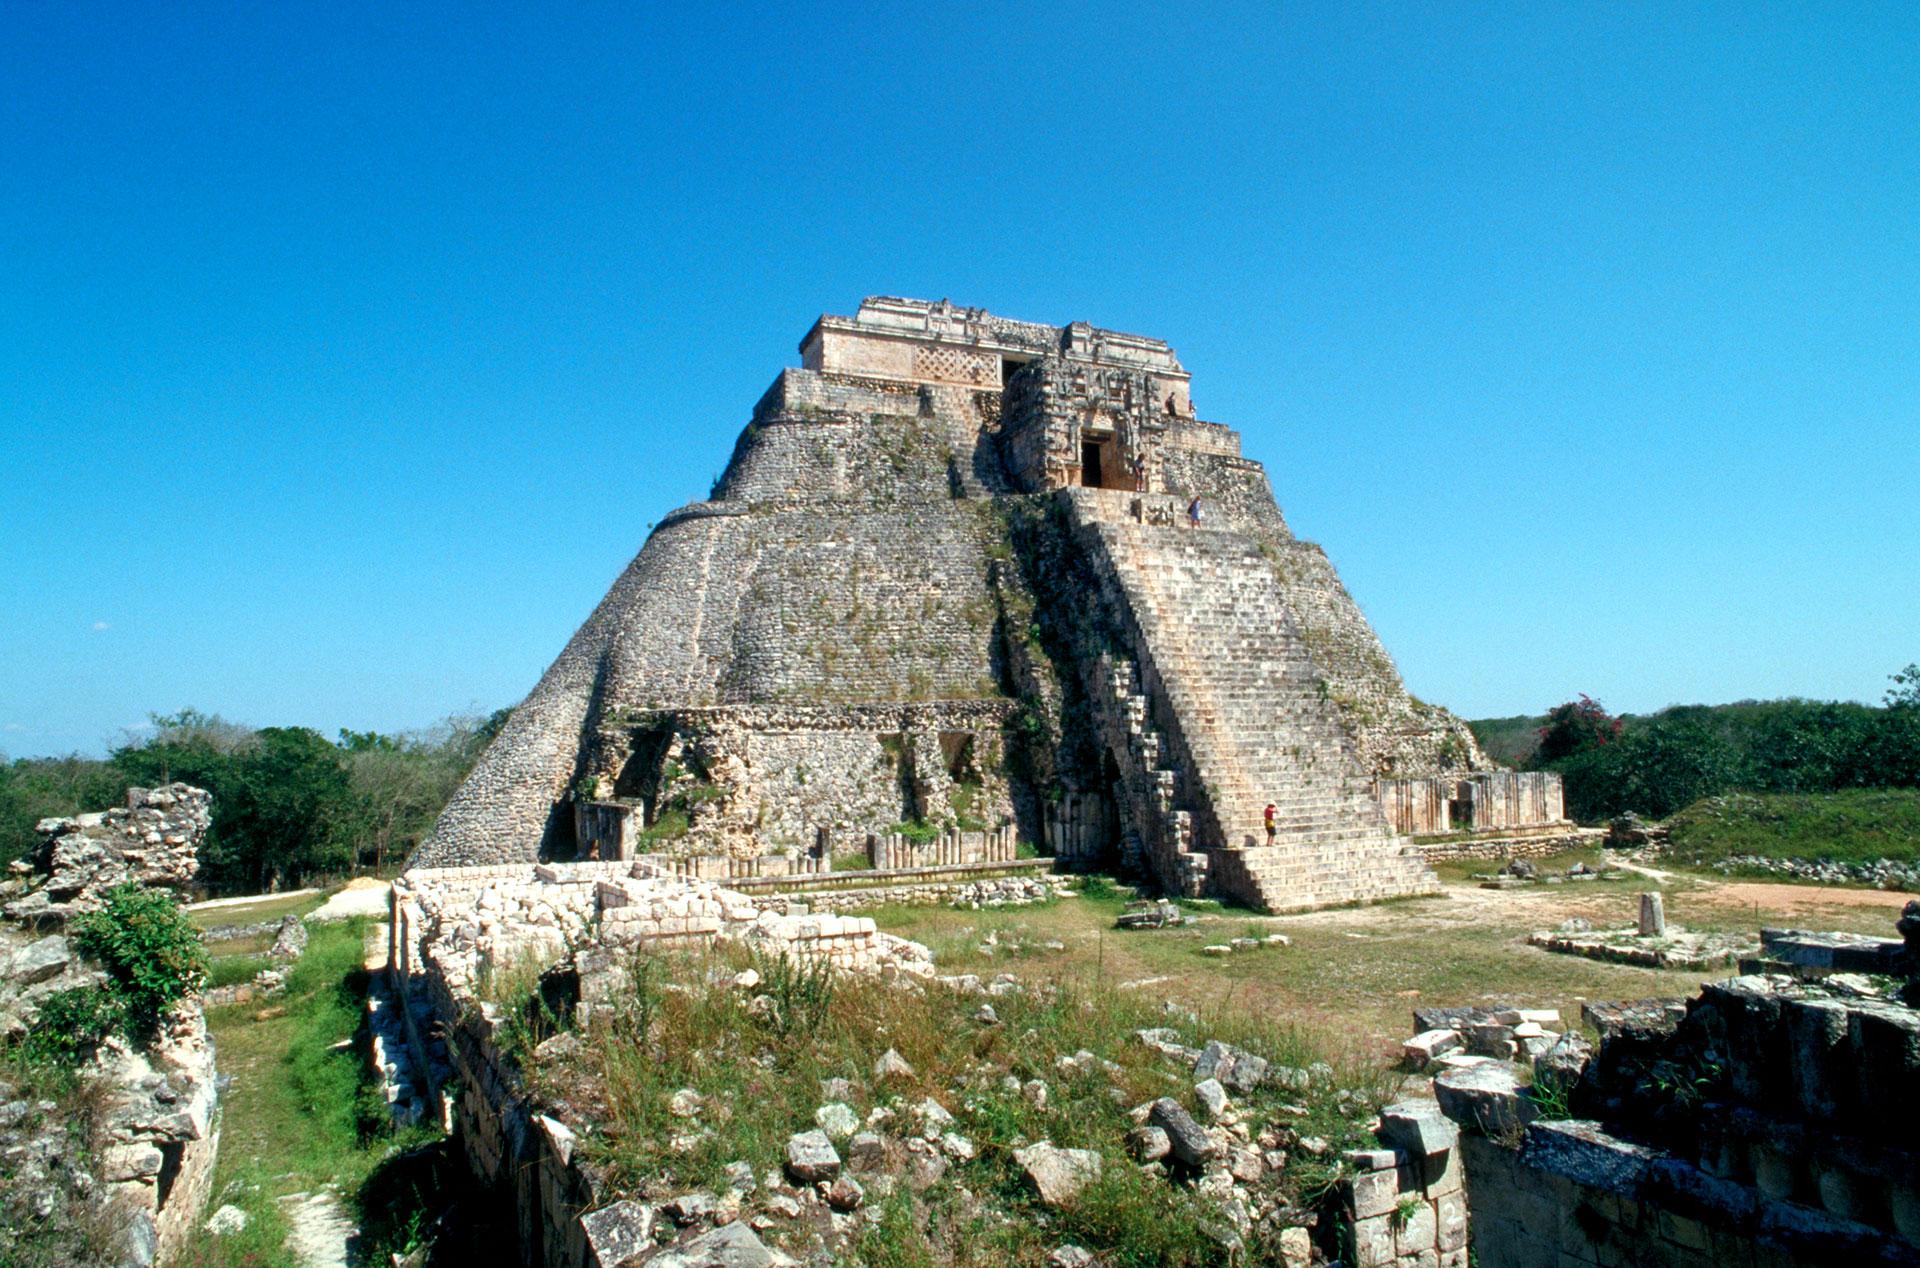 Maya ruins at Uxmal